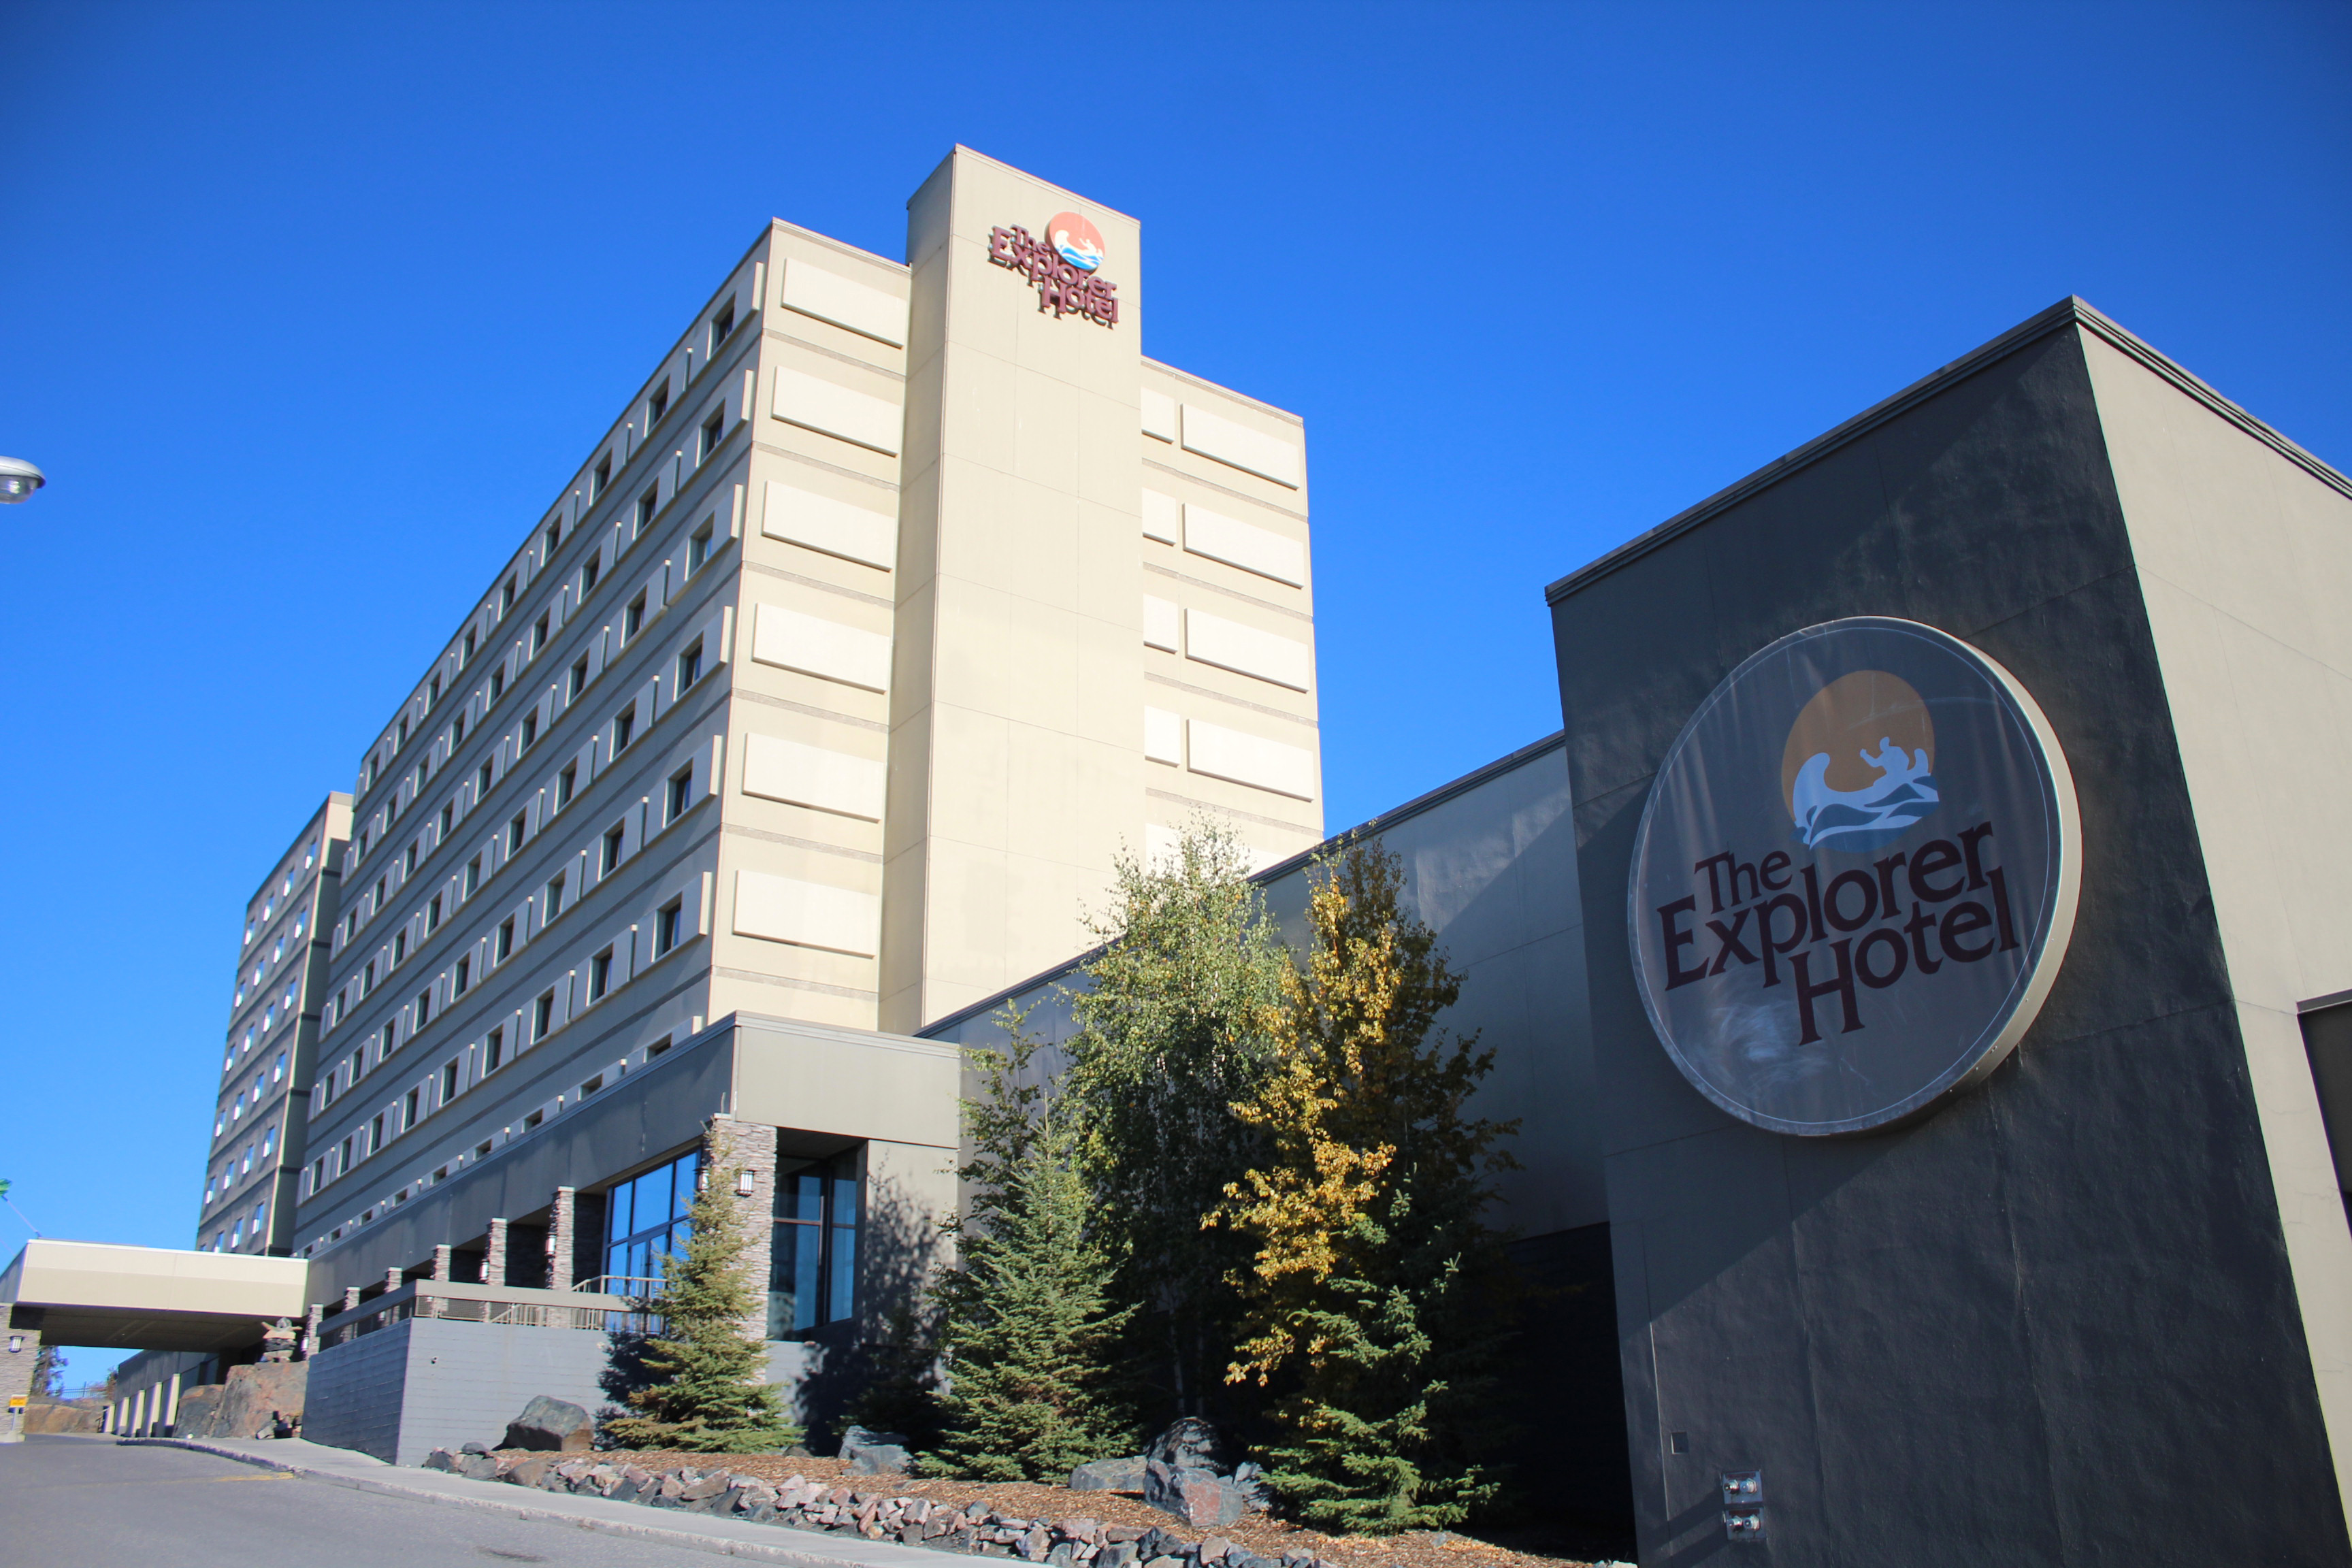 デラックスクラスホテル一例: エキスプローラーホテル(外観)